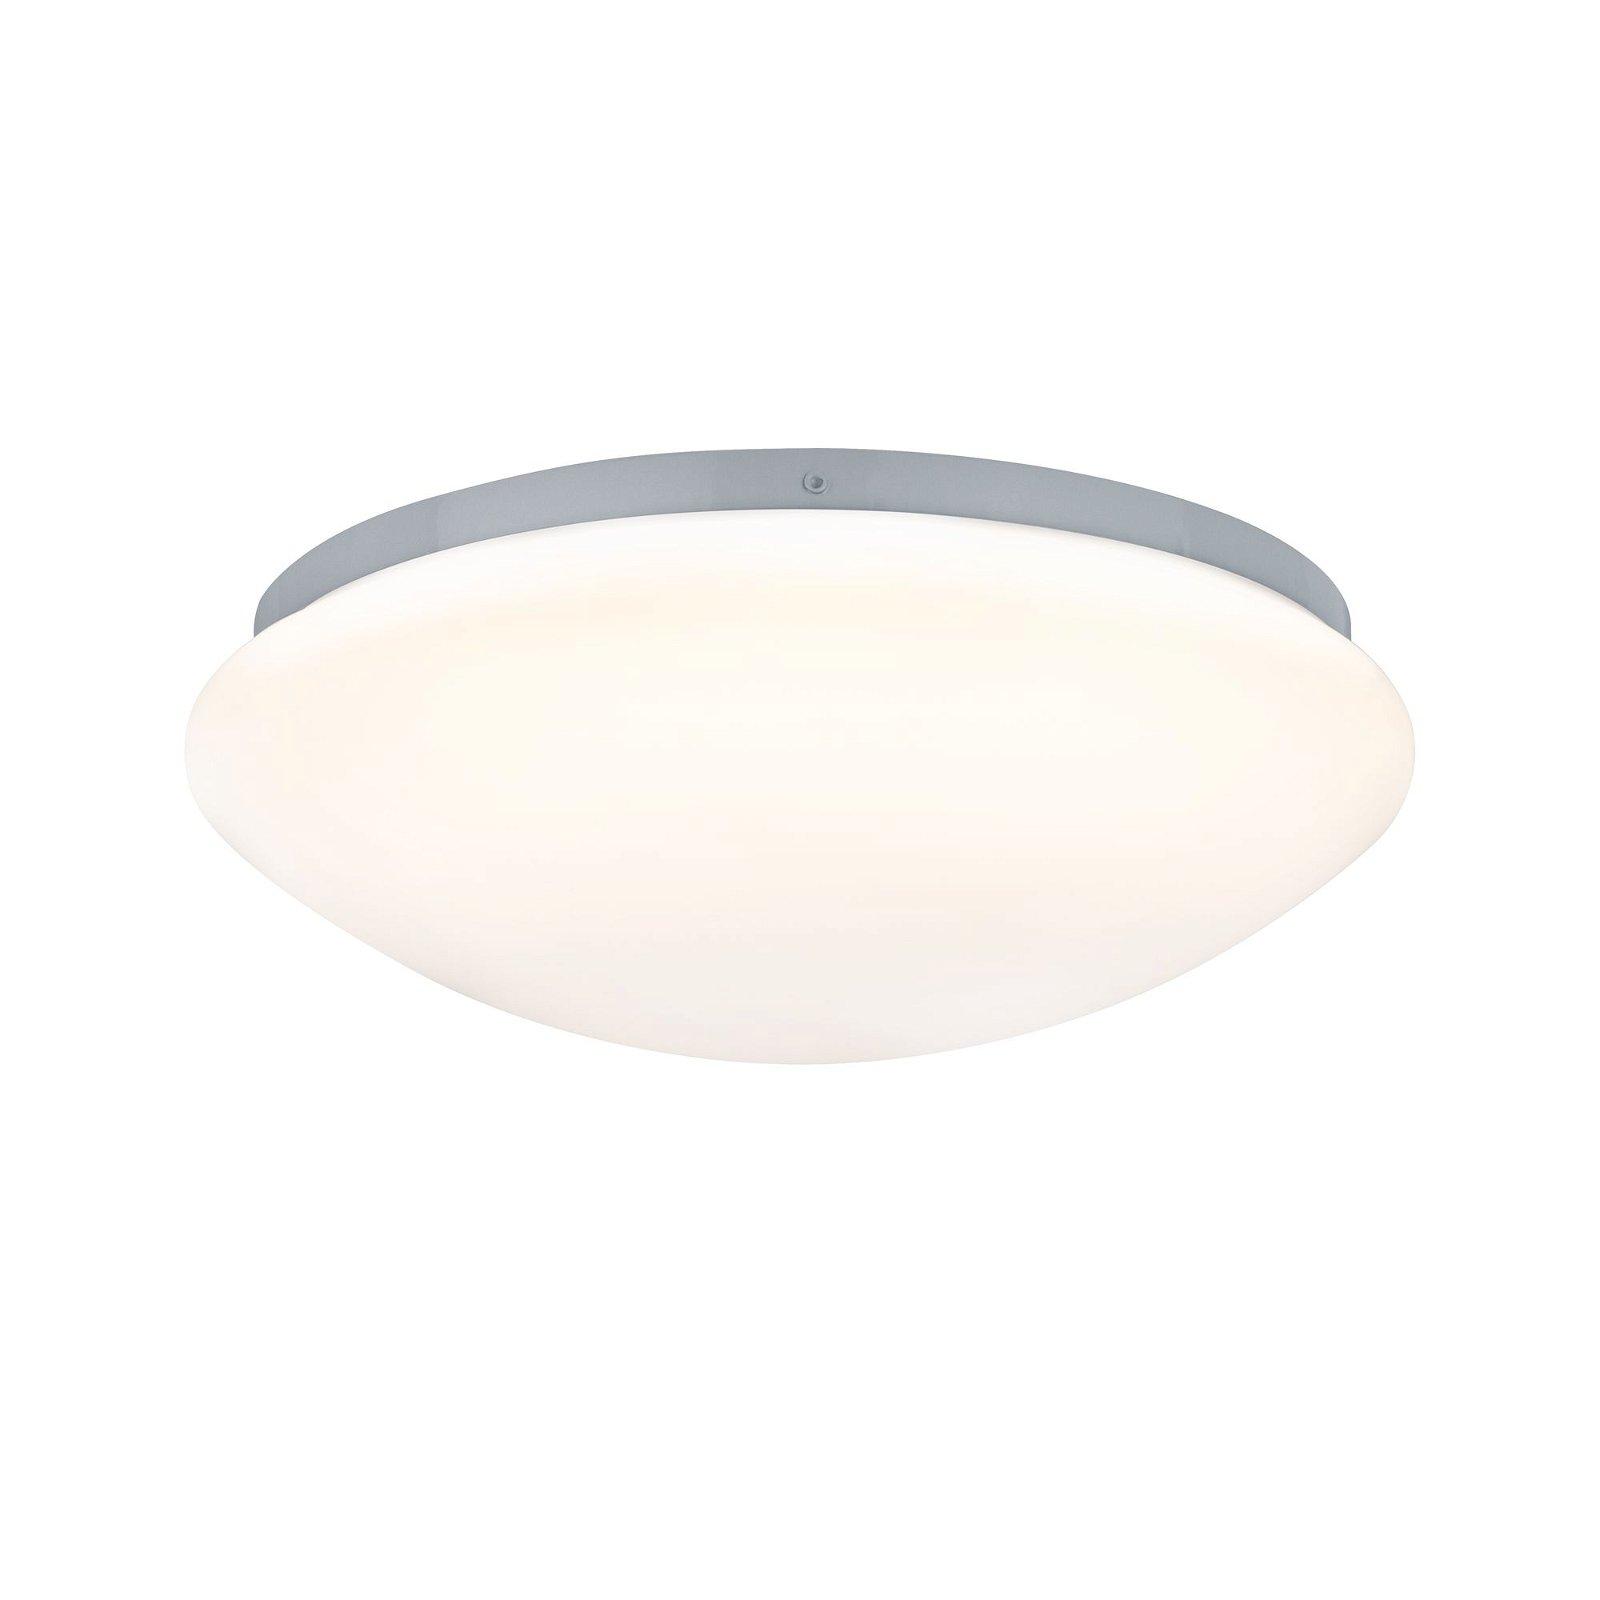 LED Deckenleuchte Leonis IP44 2700K 1200lm 230V 9,5W Weiß